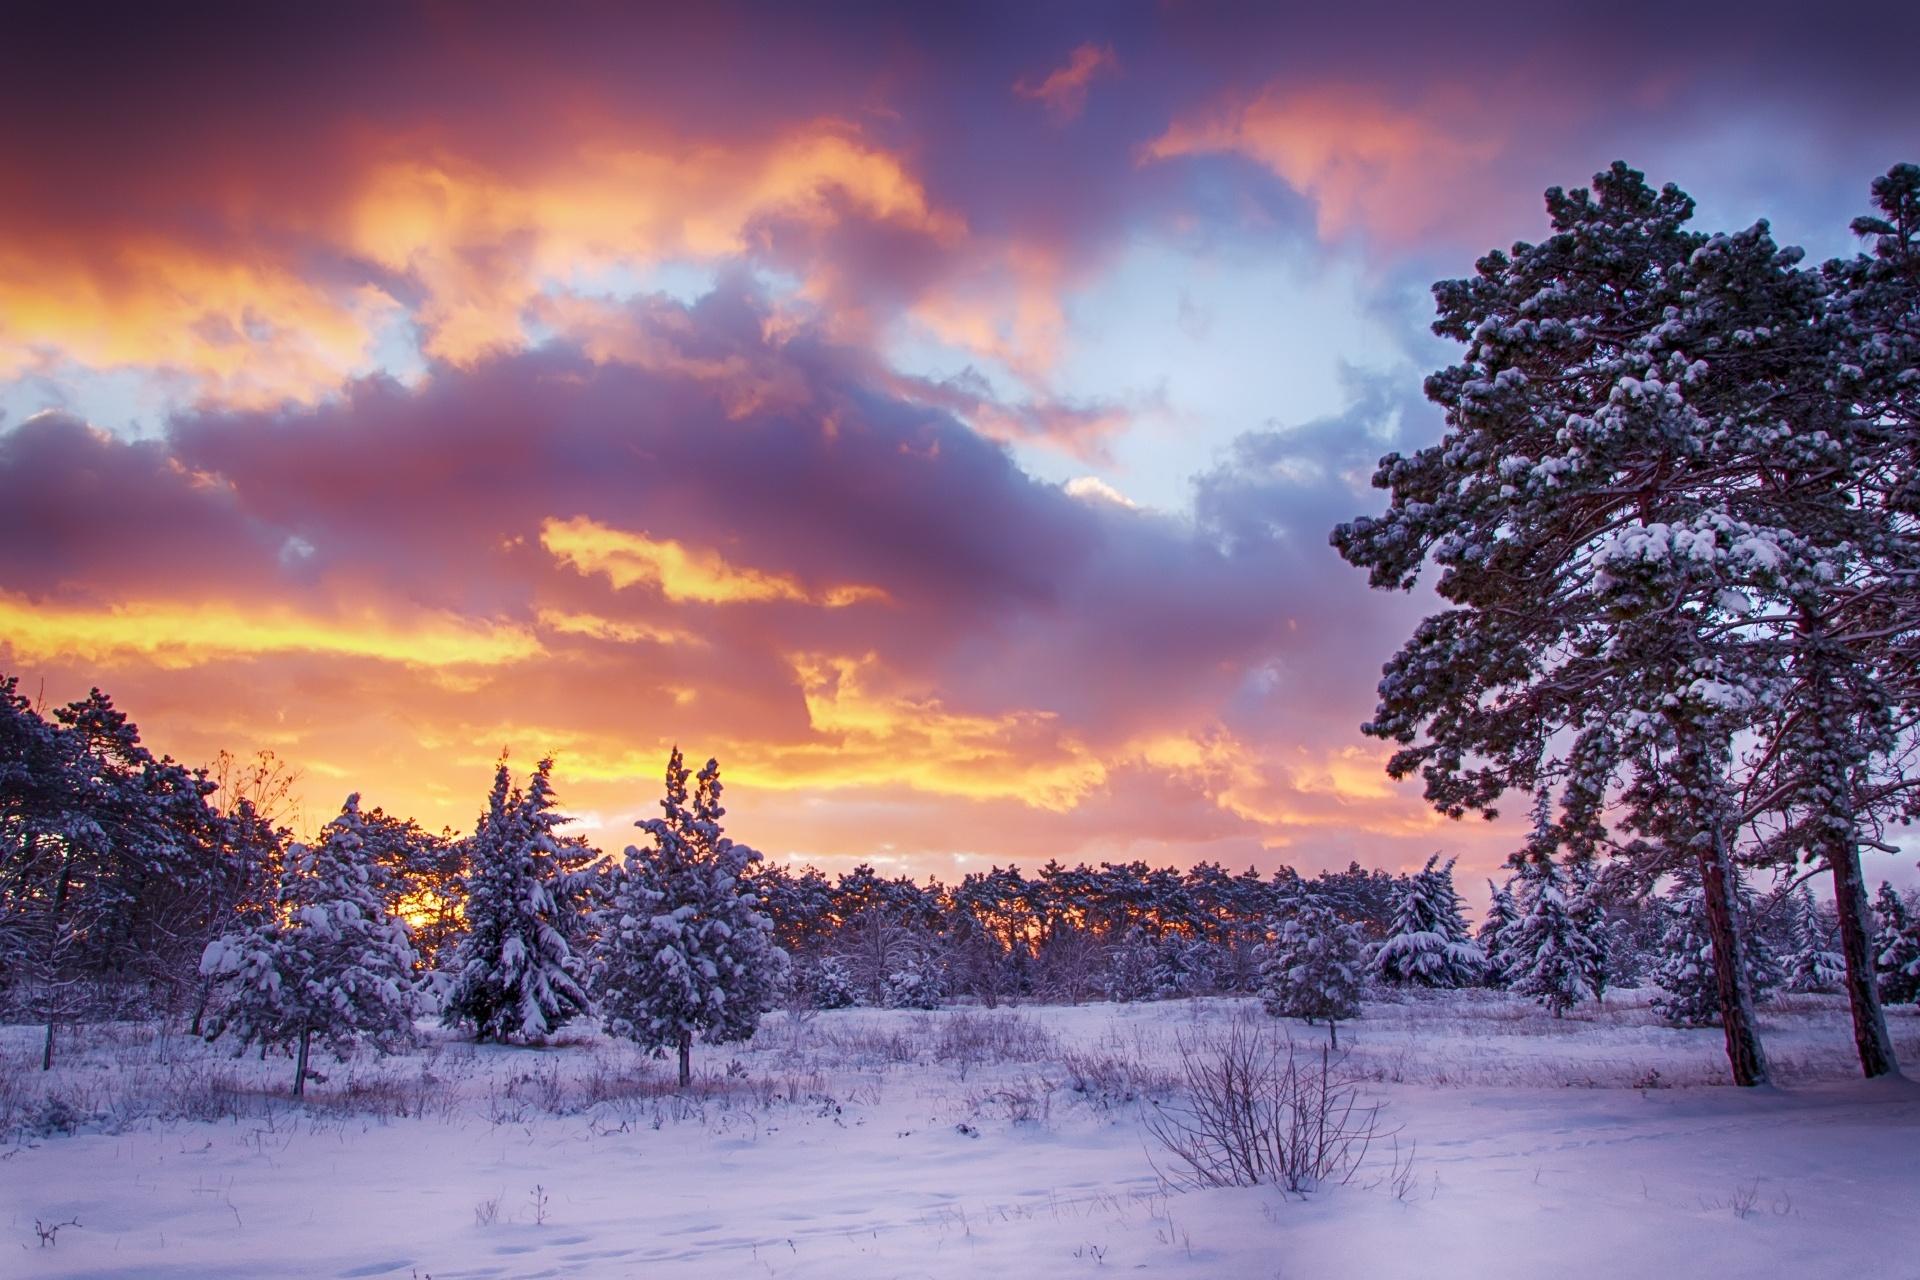 冬の夜明けの風景 朝焼けの空と森の風景